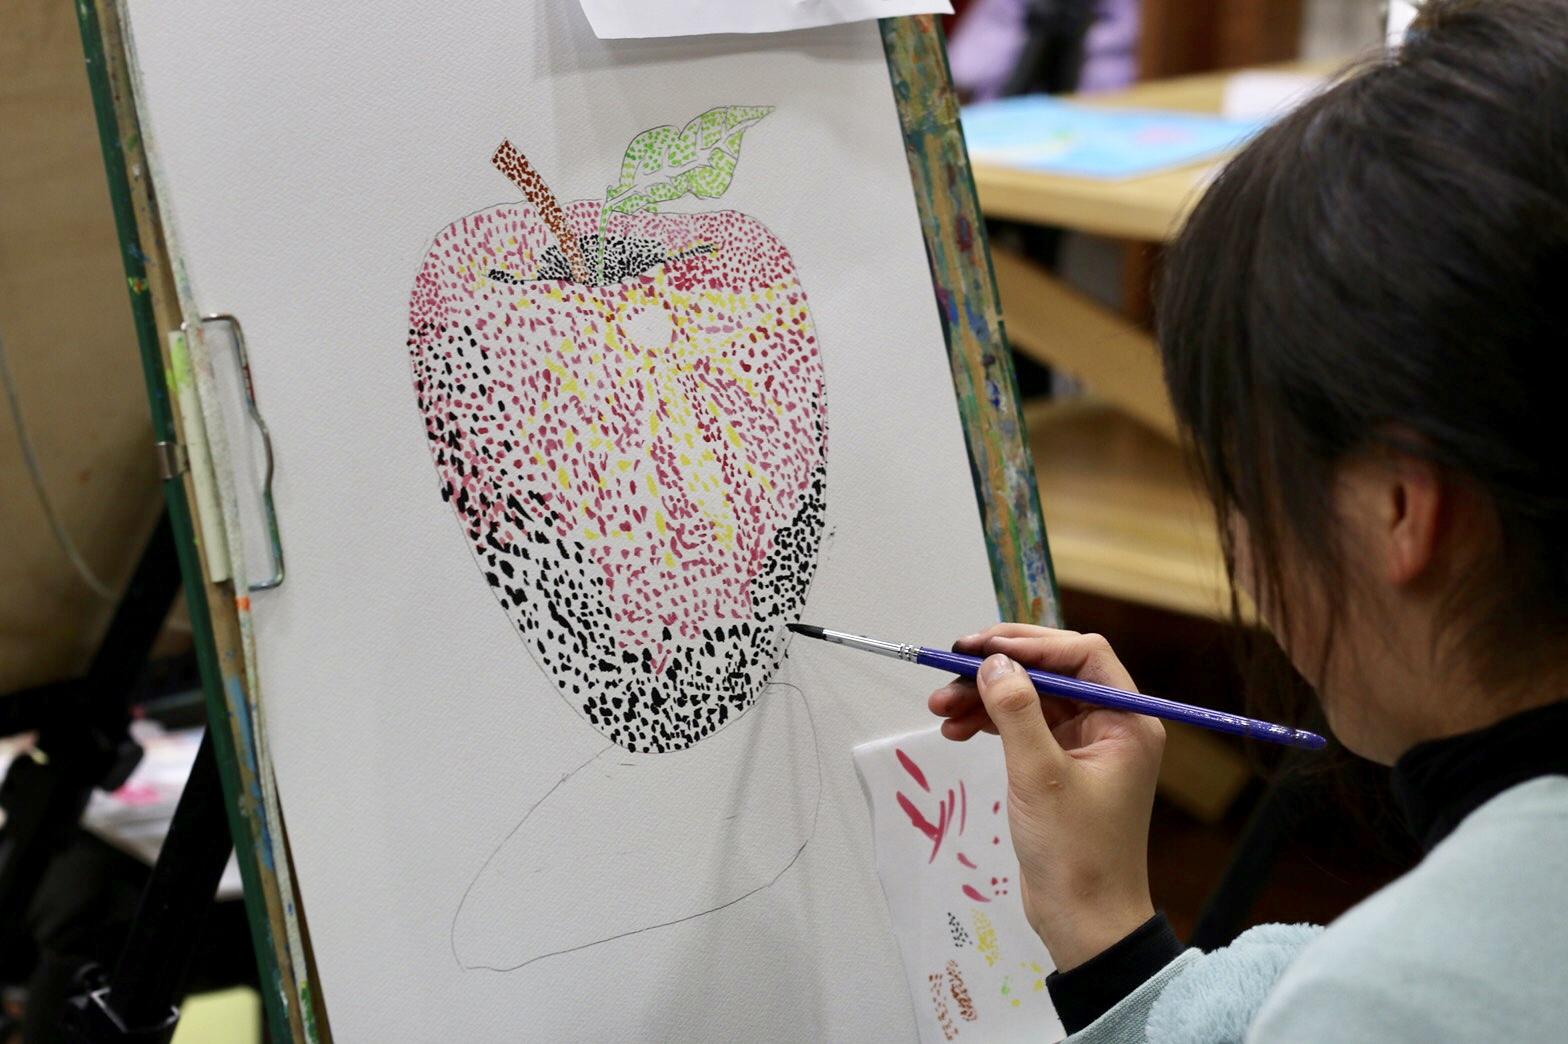 絵画クラス 小学生 点描画レッスン♪ イメージ画像